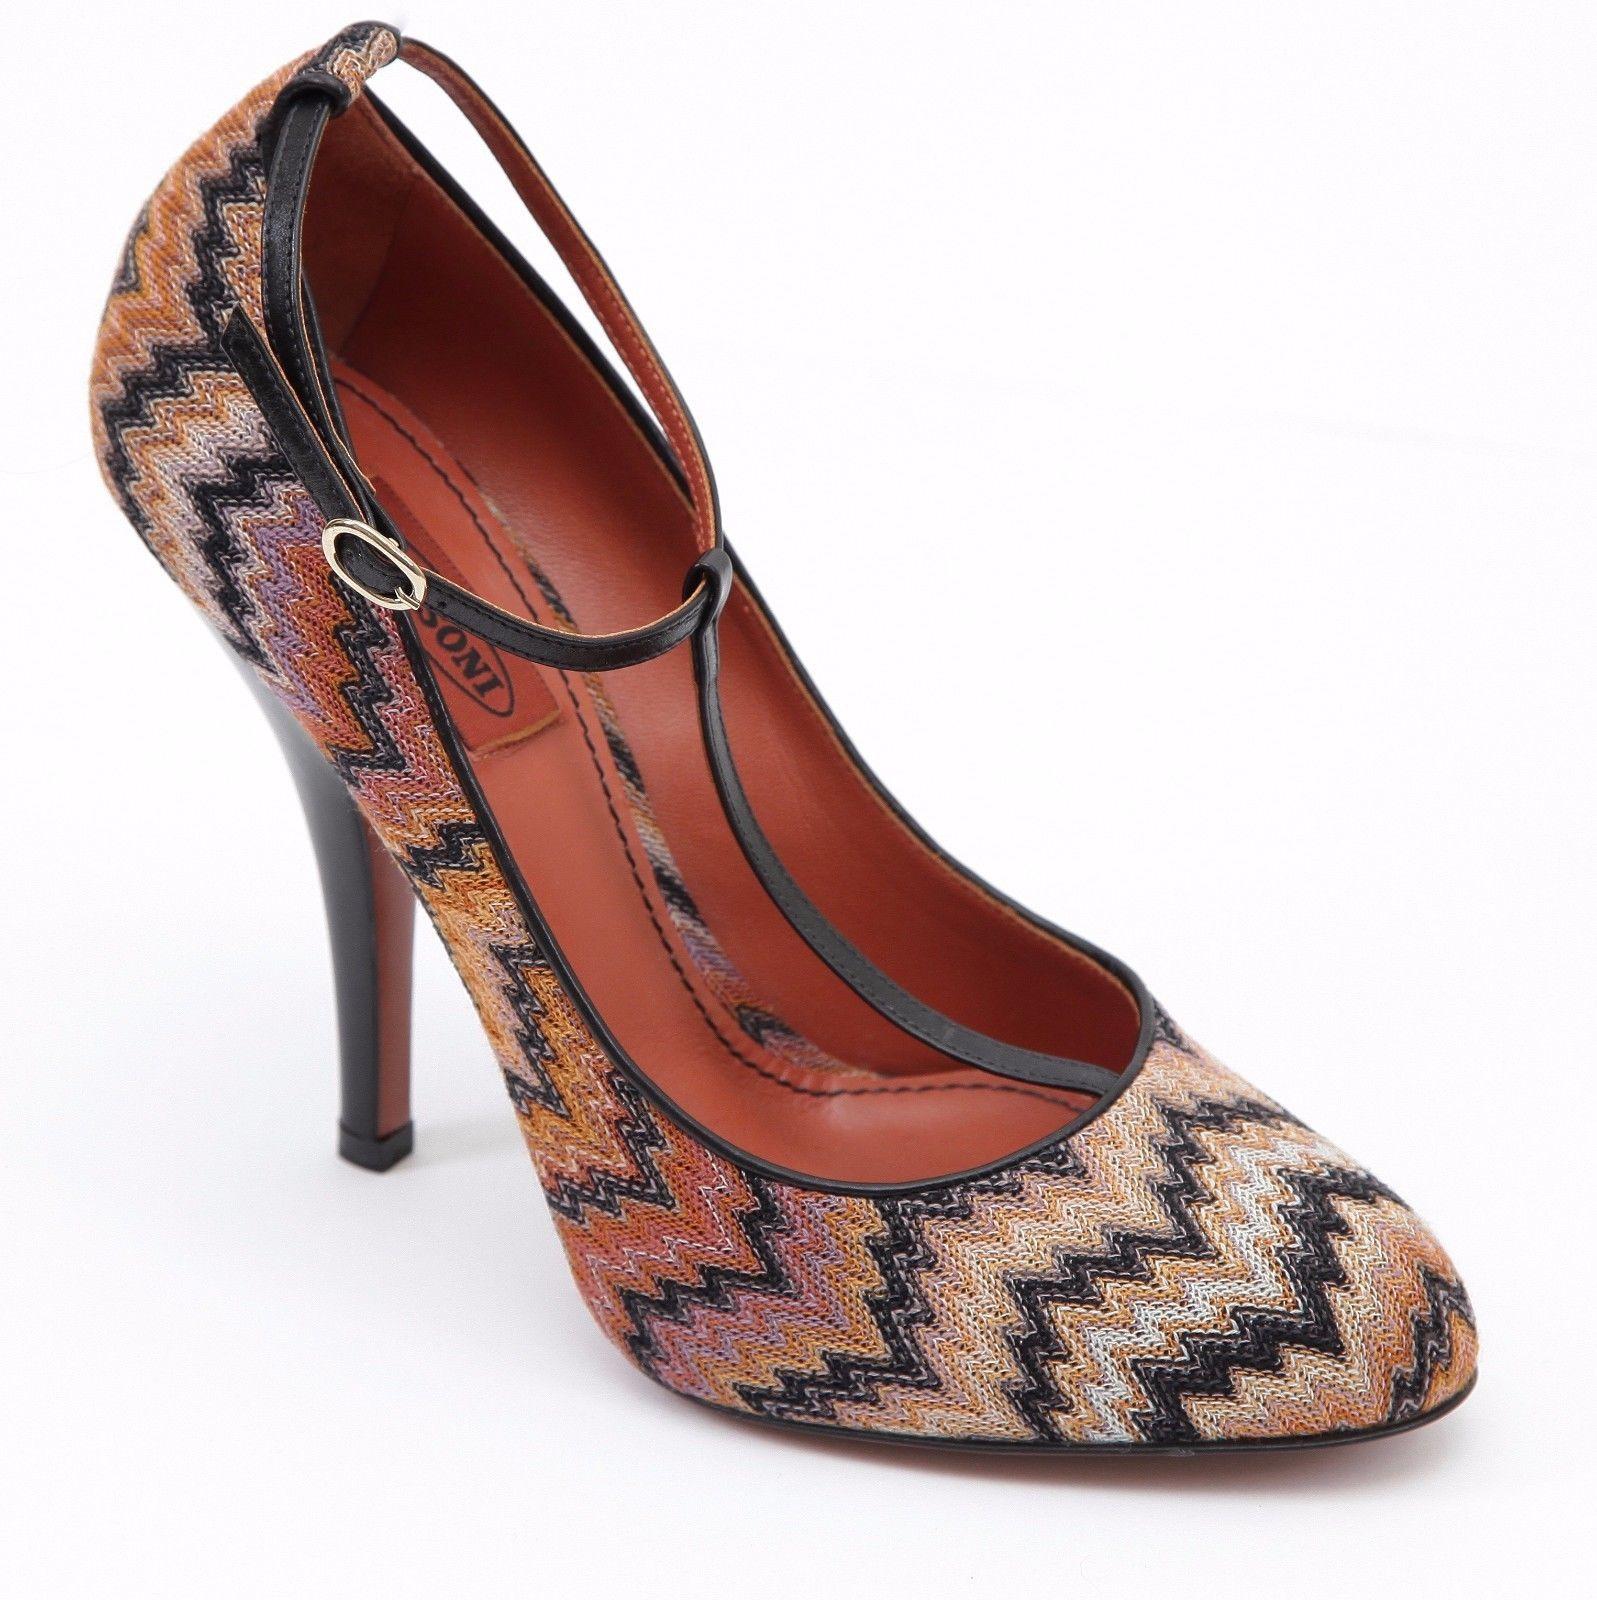 MISSONI Pump T-Strap Textile Orange Brown Leather Shoe Heel Sz 39 - £103.62 GBP